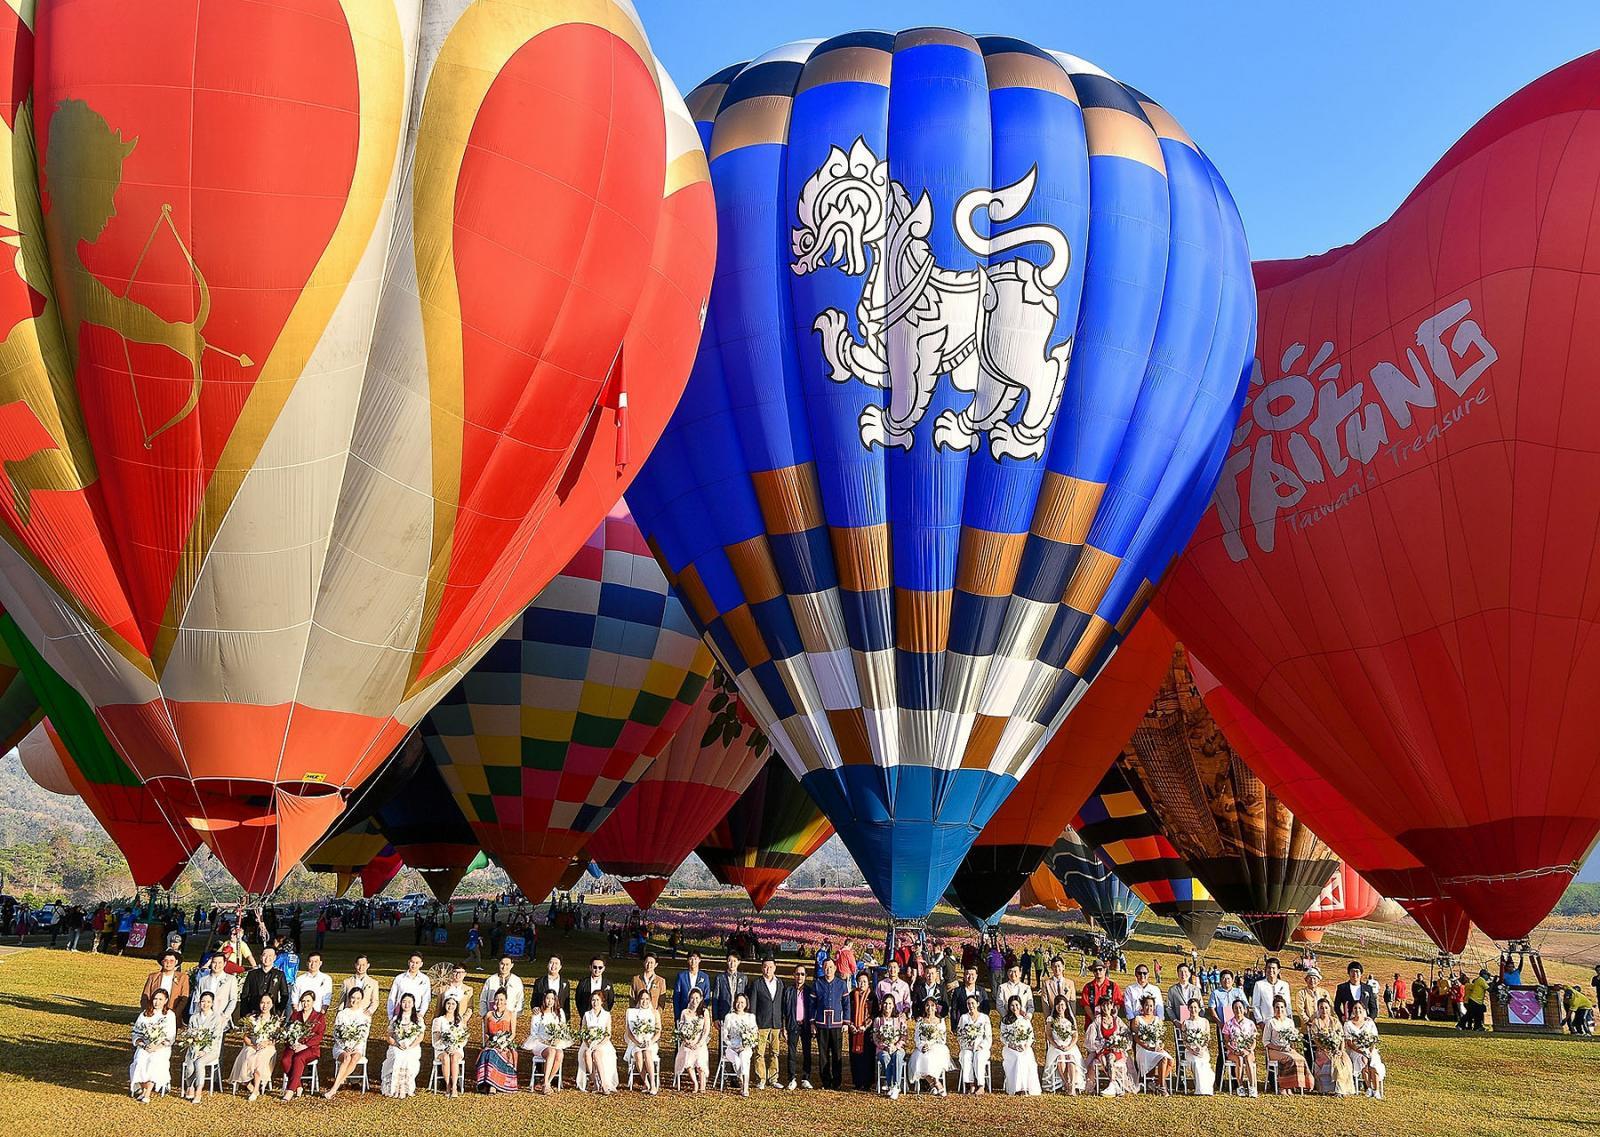 สิงห์ปาร์ค เชียงราย นำ 25 คู่รัก จดทะเบียนสมรสพร้อมบินบอลลูนเต็มฟ้า